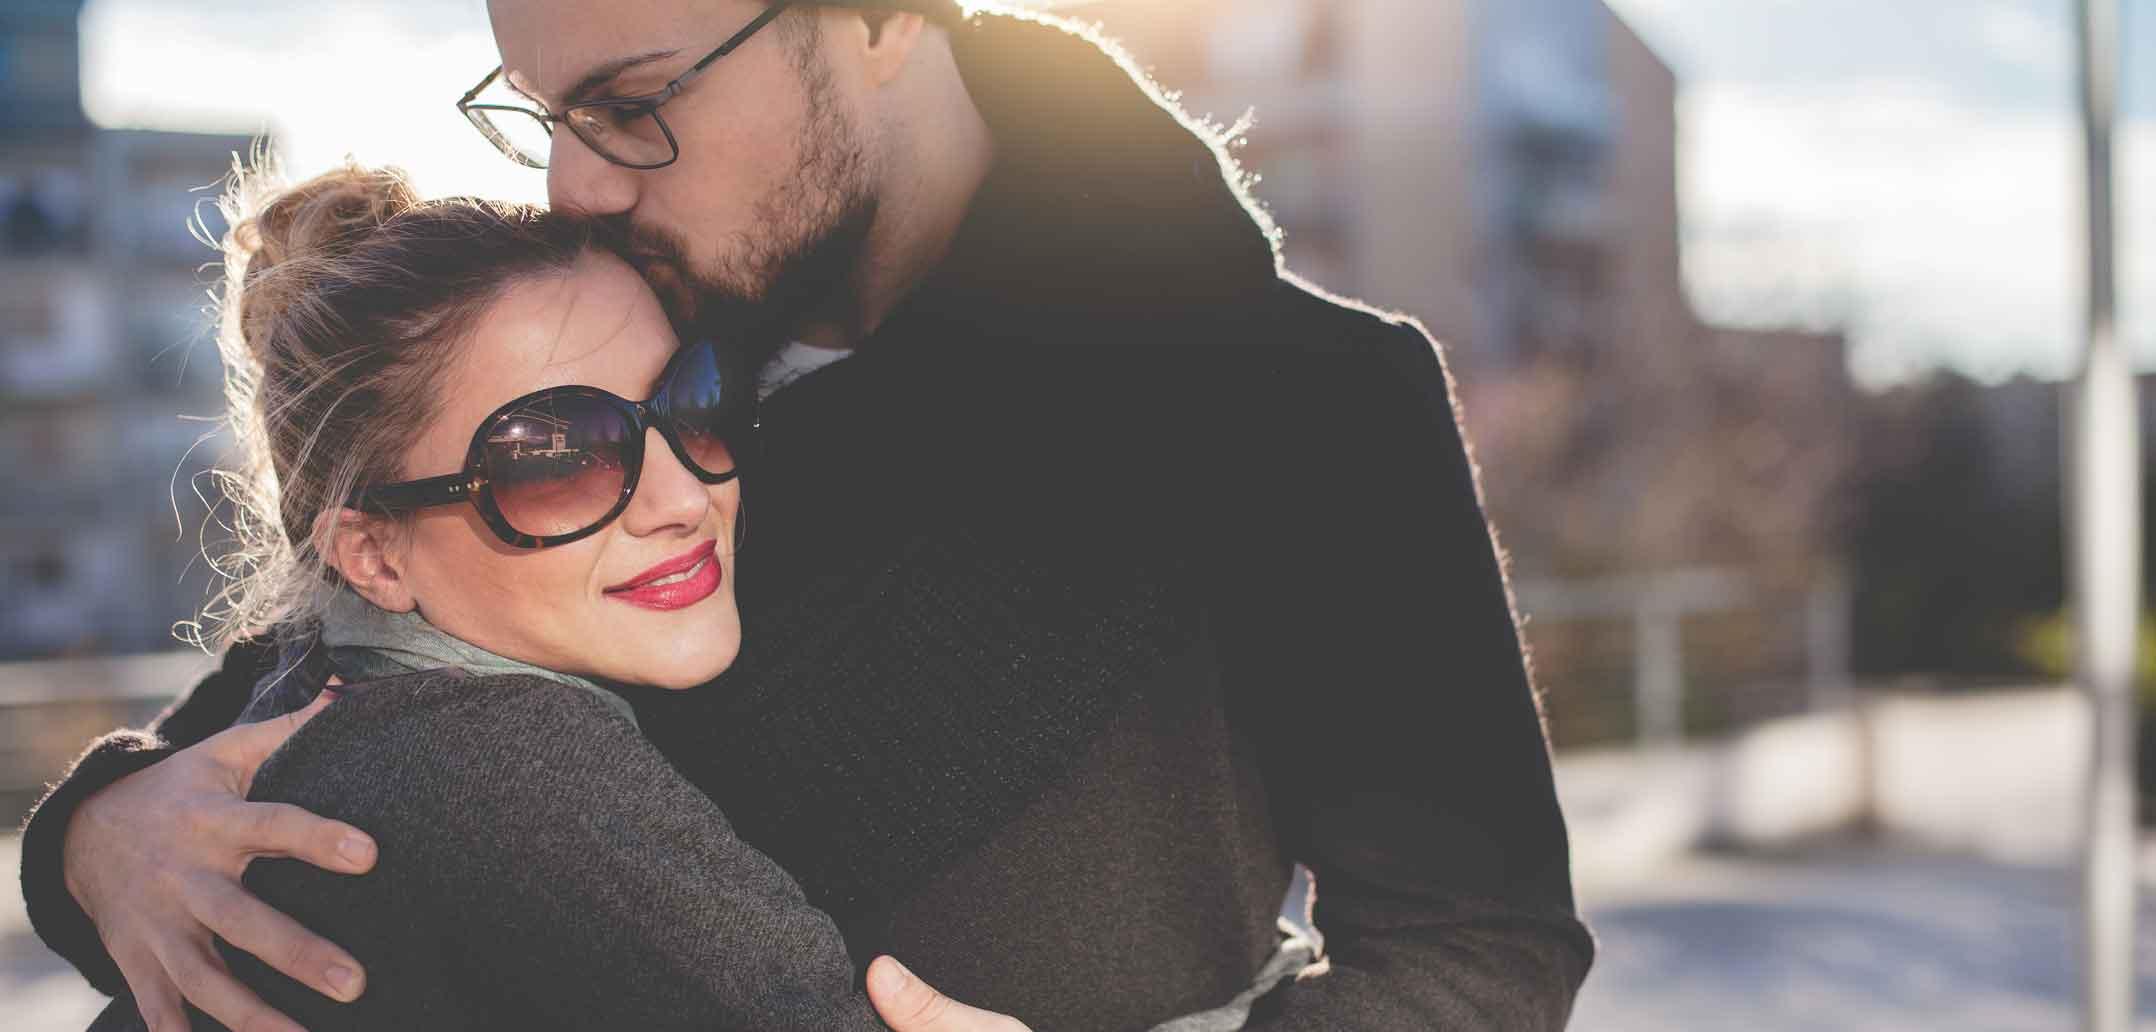 Wenn die Liebe der Antrieb ist, ist nichts zu viel